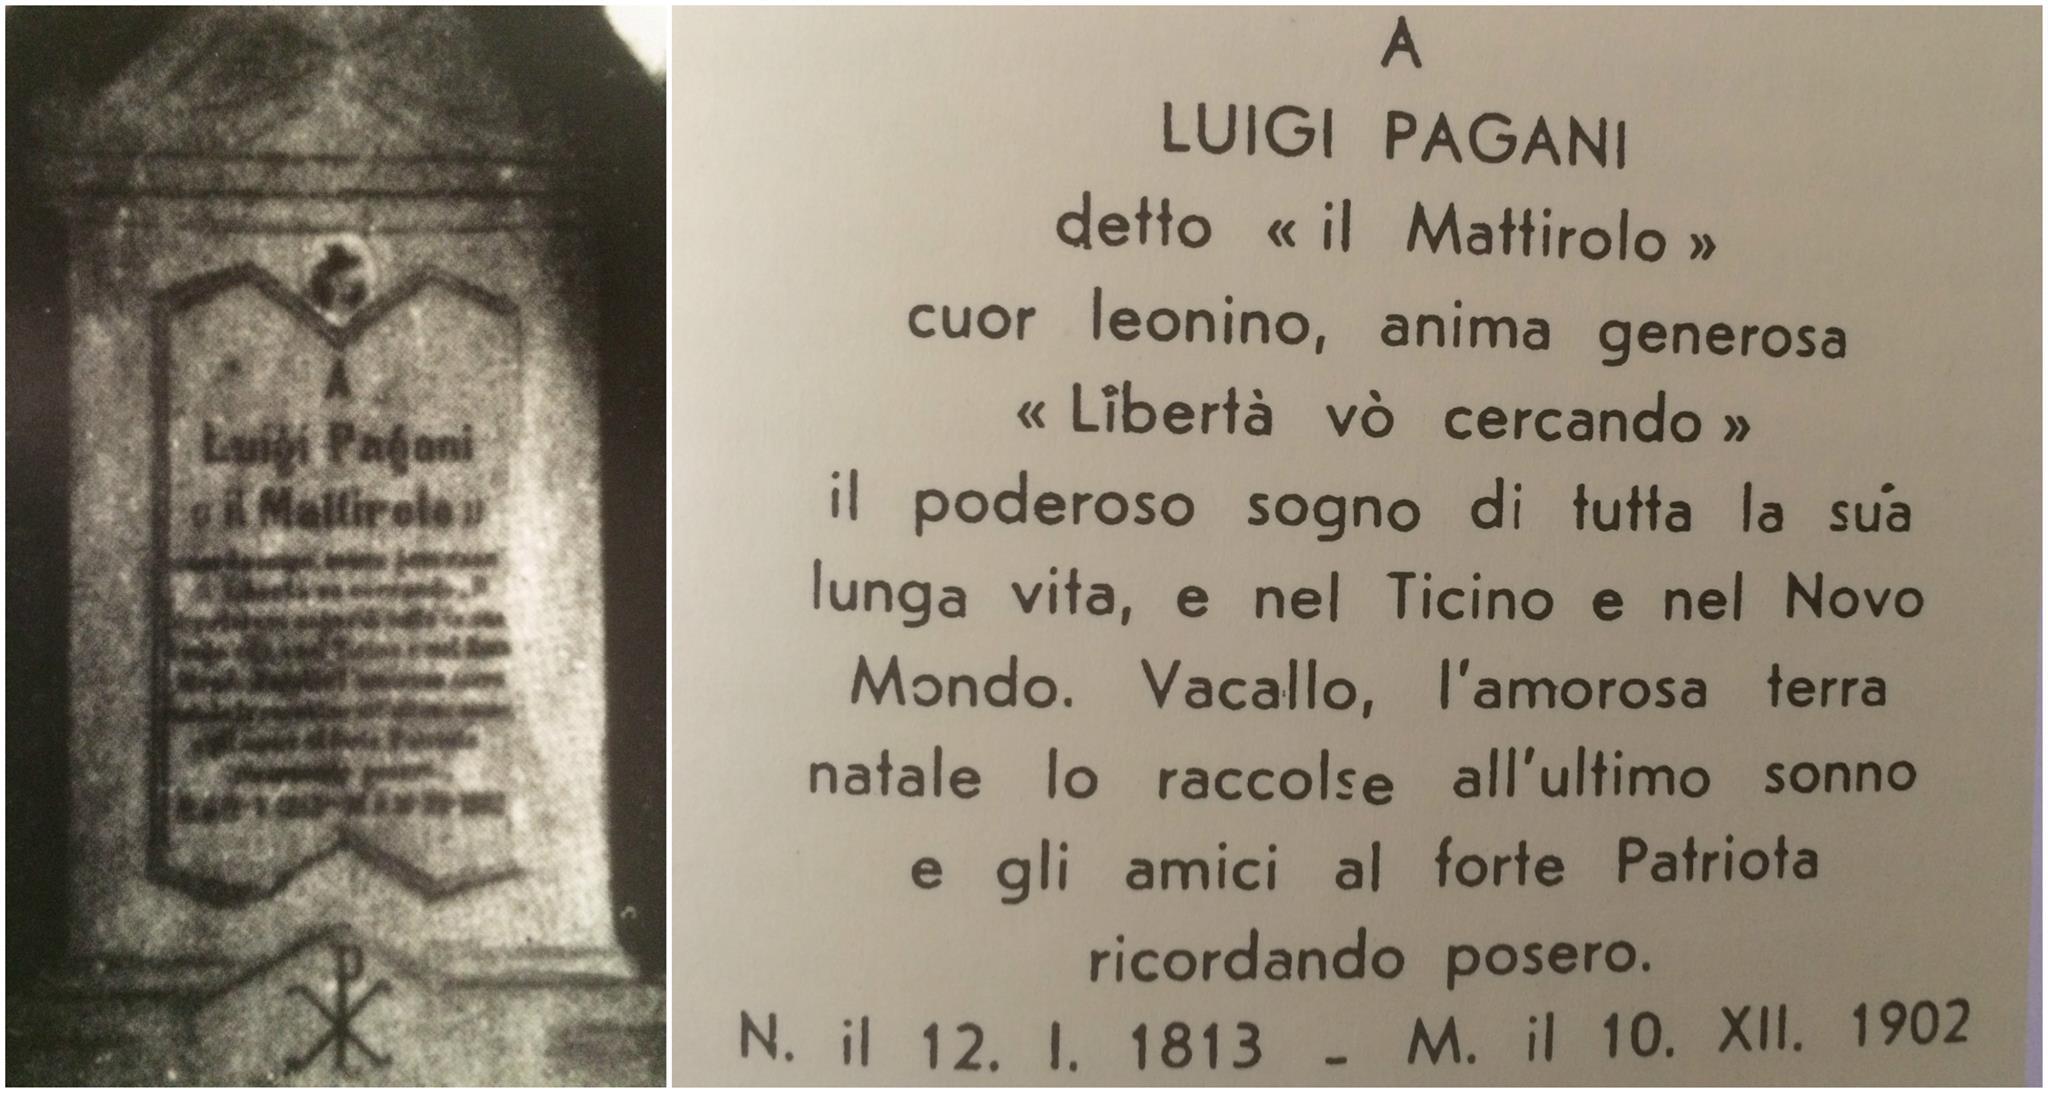 Luigi Pagani, «Mattirolo », cœur d'or et cœur de lion, «Je cherche la liberté» fut le rêve de toute sa longue vie, au Tessin et dans le Nouveau-Monde. Vacallo, sa chère patrie, l'a accueilli pour son dernier sommeil et ses amis ont érigé cette pierre en souvenir pieux de ce valeureux patriote. [Collage photo Alessandro Luppi]